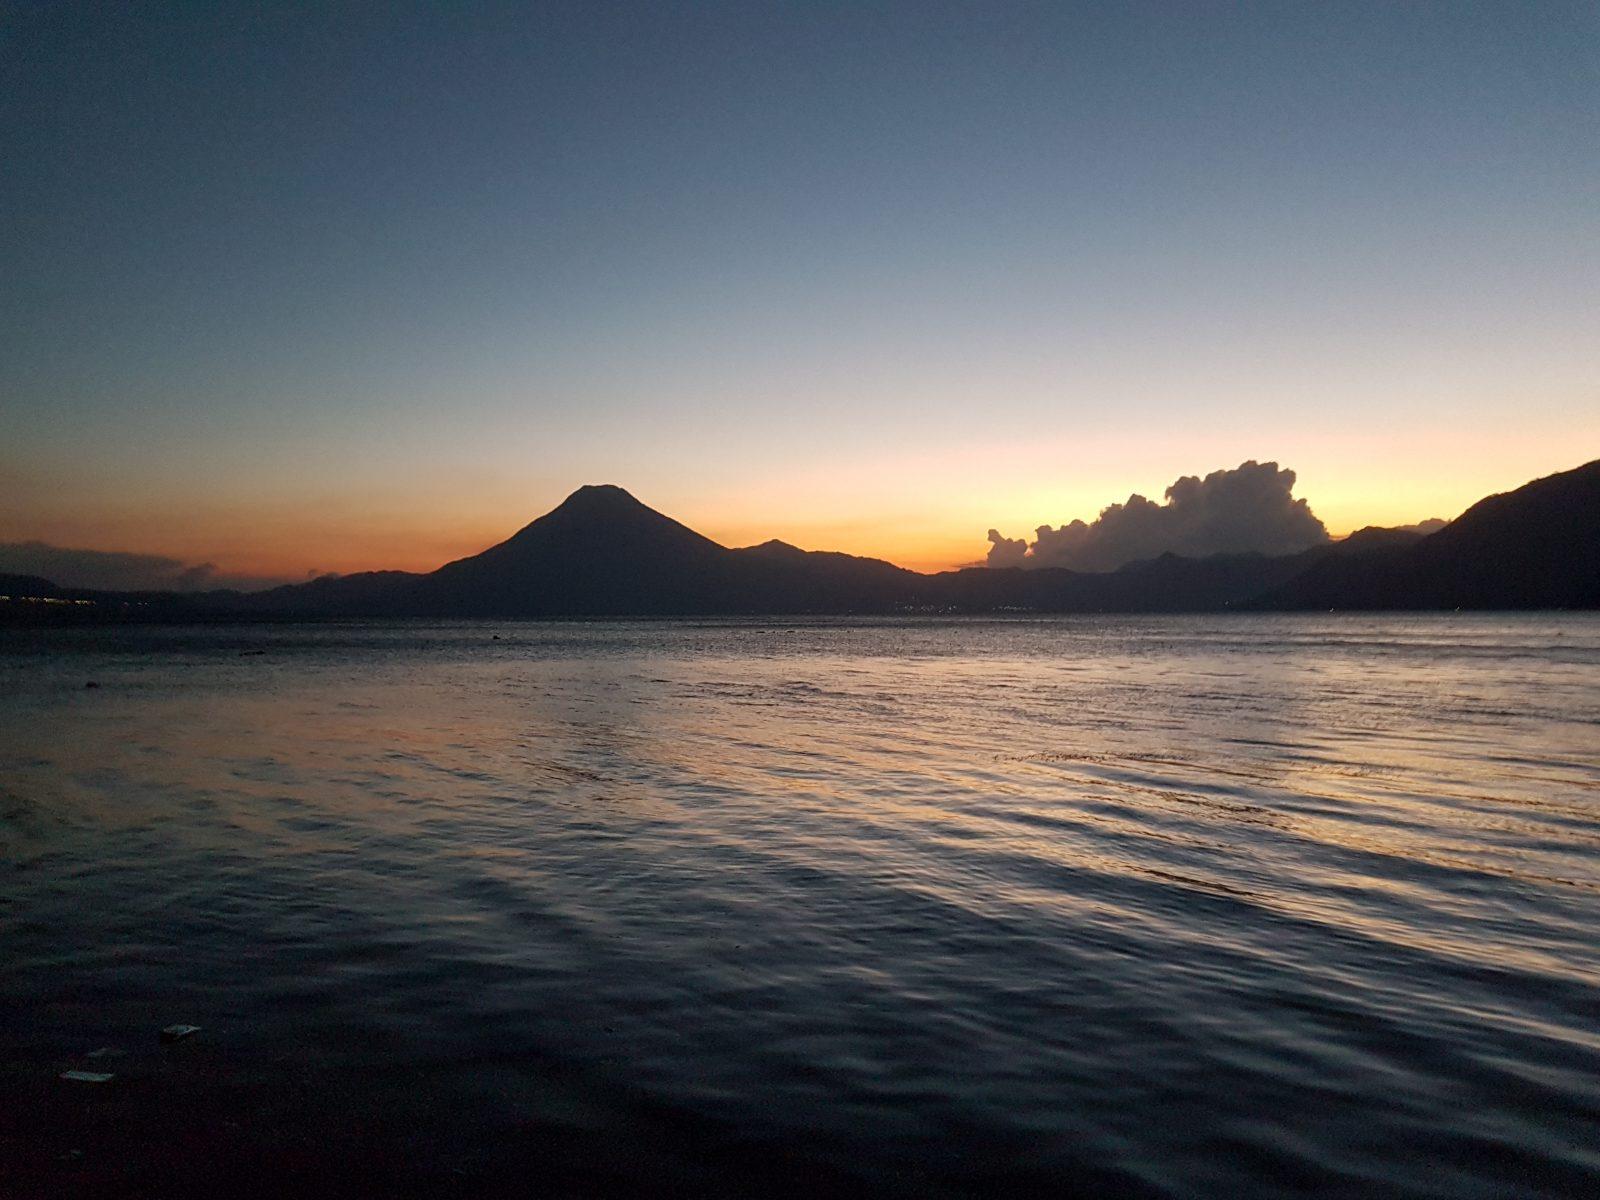 """<img src=""""images/"""" width=""""800"""" height=""""600"""" alt=""""lake atitlán - 20170319 184027 1 - Guatemala: Loving Life on Lake Atitlán"""">"""